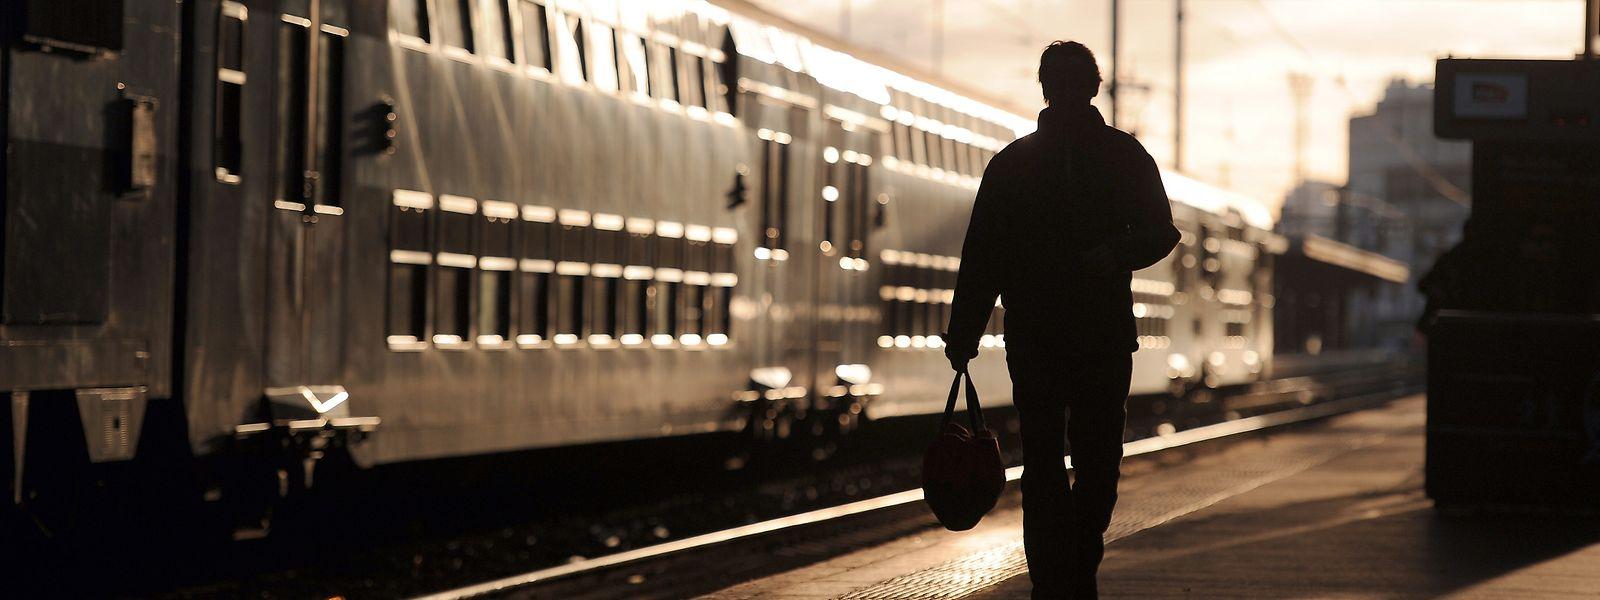 En juin 2022, la coopérative Railcoop lancera sa 1ère ligne voyageurs : Bordeaux-Lyon. Thionville suivra.